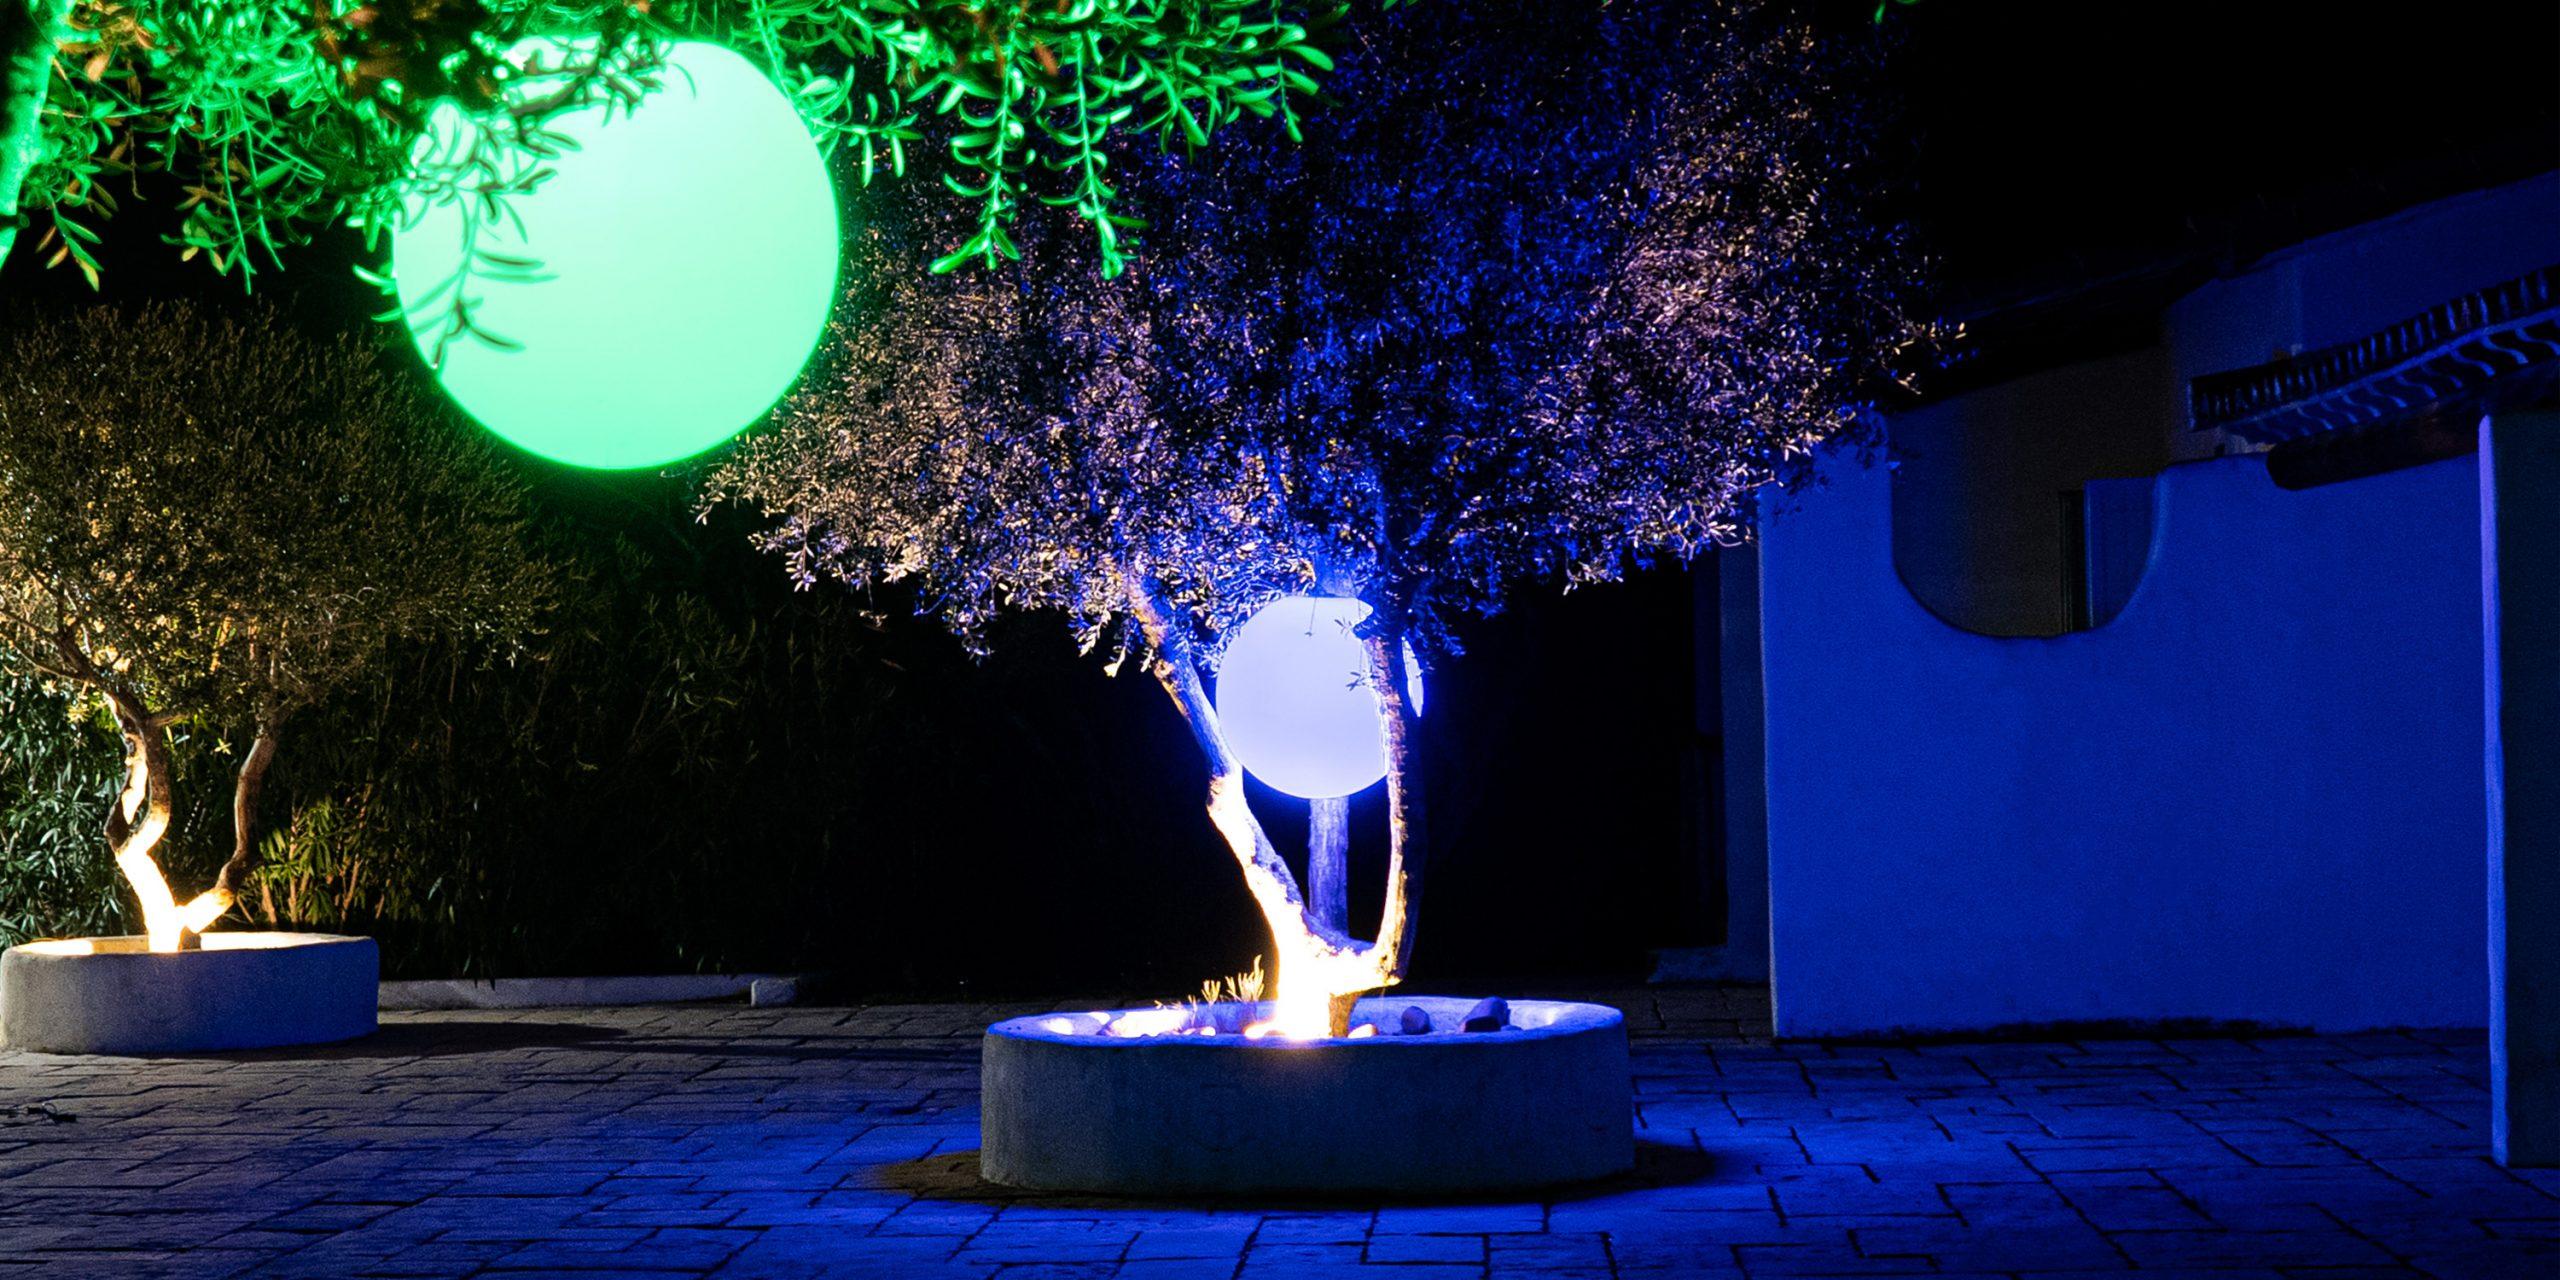 Comment Éclairer Son Jardin De Façon Écologique ? dedans Boule Lumineuse Jardin